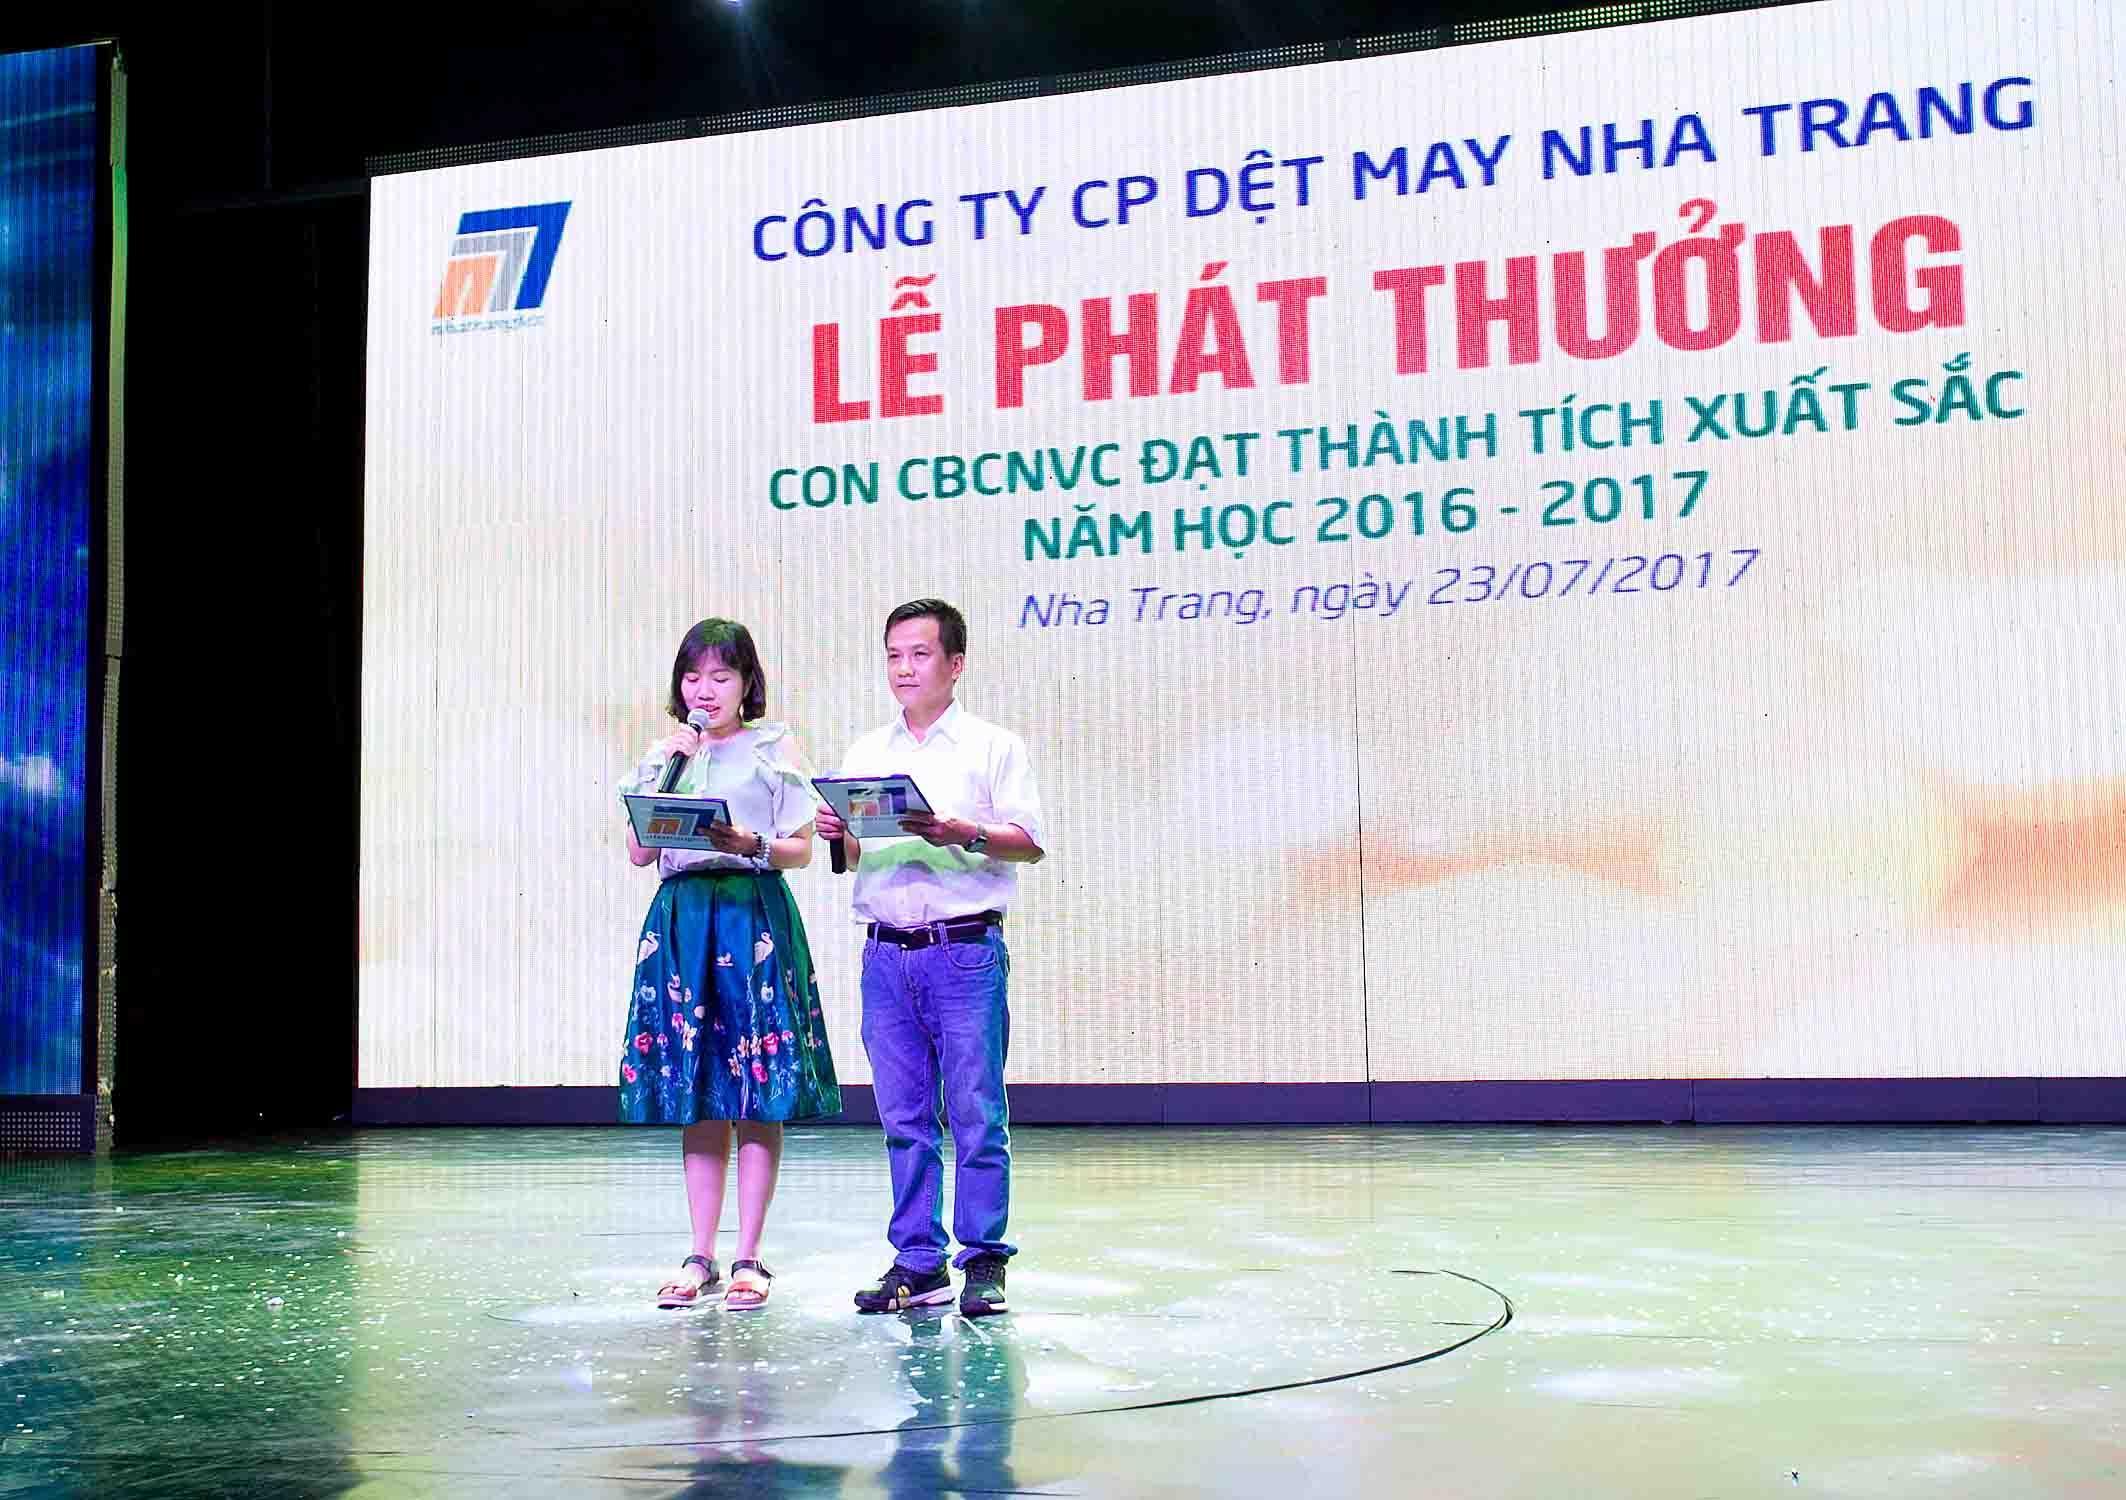 Công ty CP Dệt May Nha Trang rộn ràng lễ phát thưởng năm học 2016 - 2017